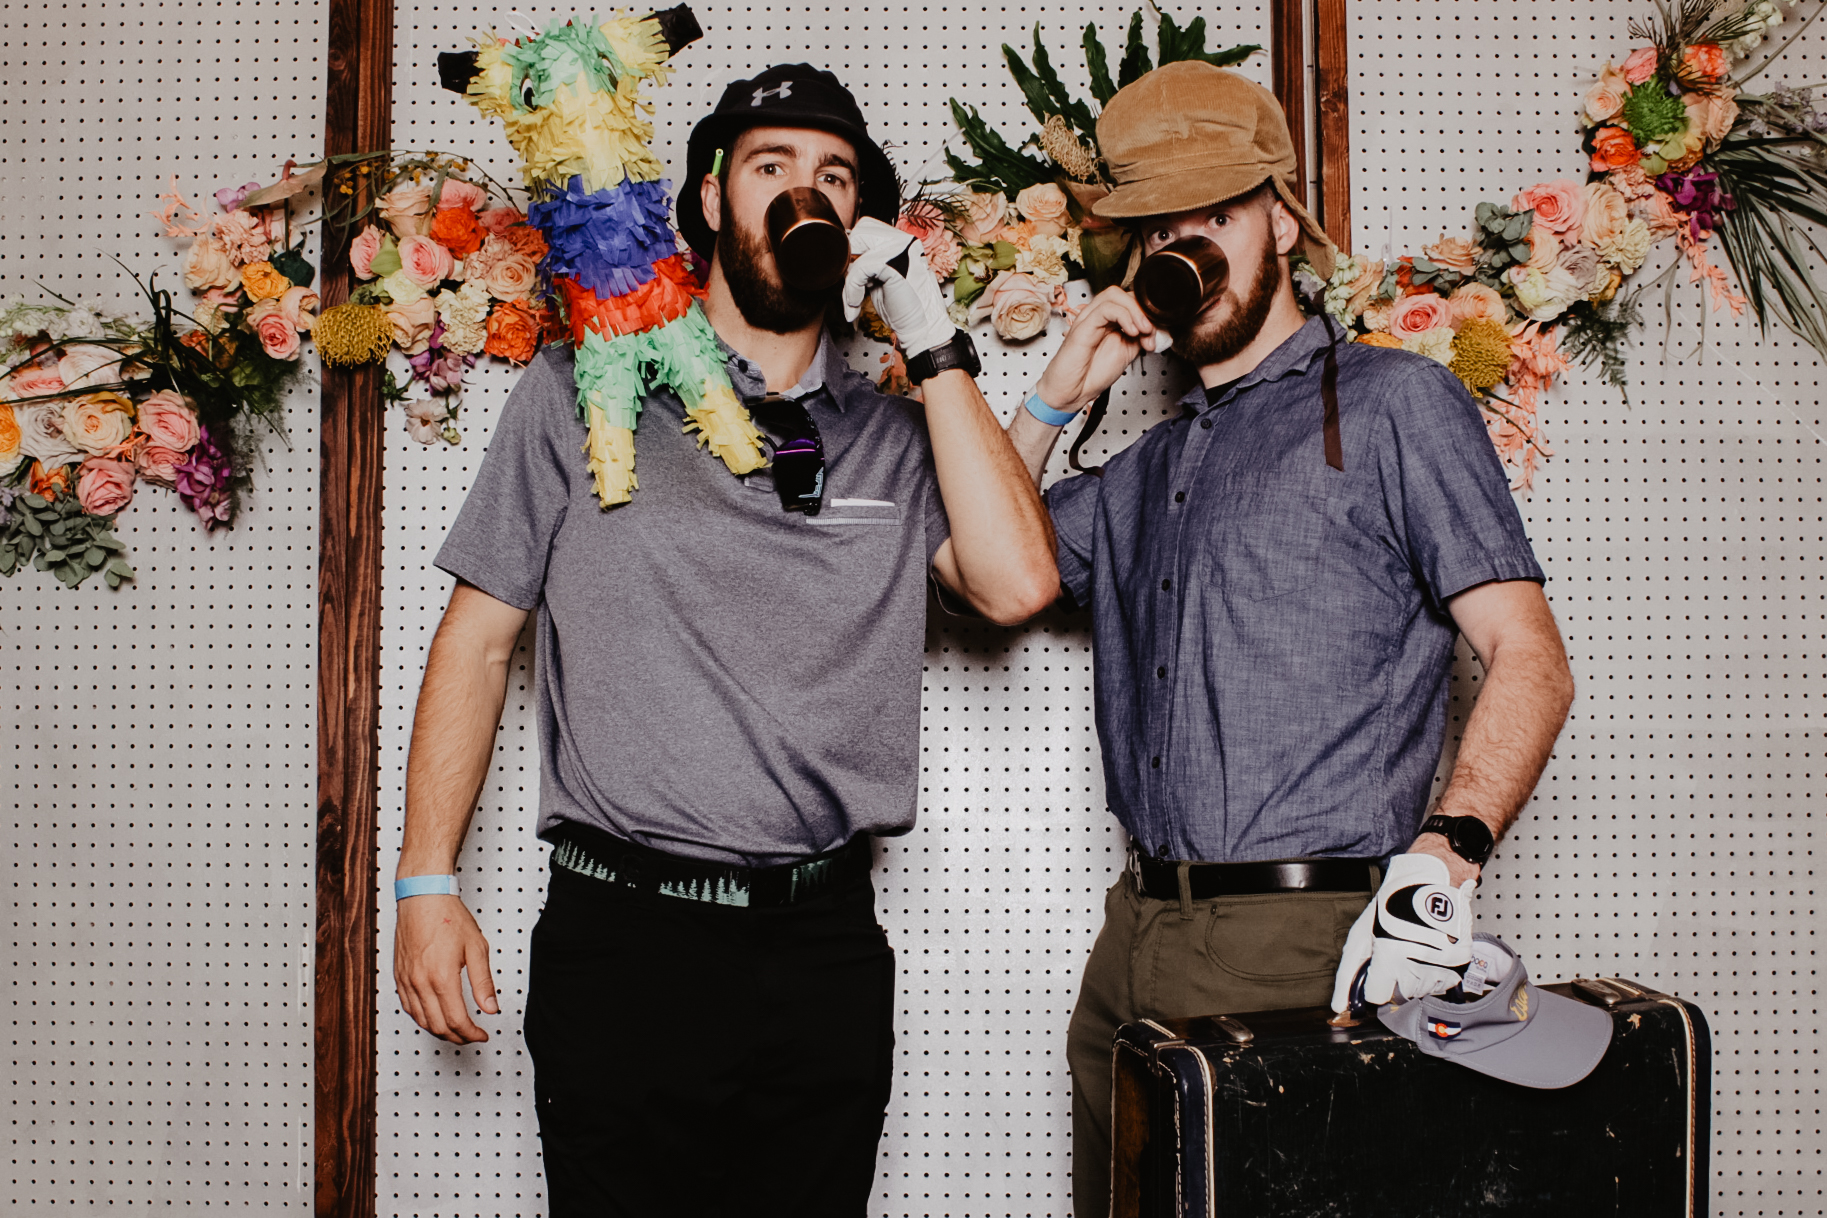 Denver+PhotoBooth+MuleMajors+93.jpg